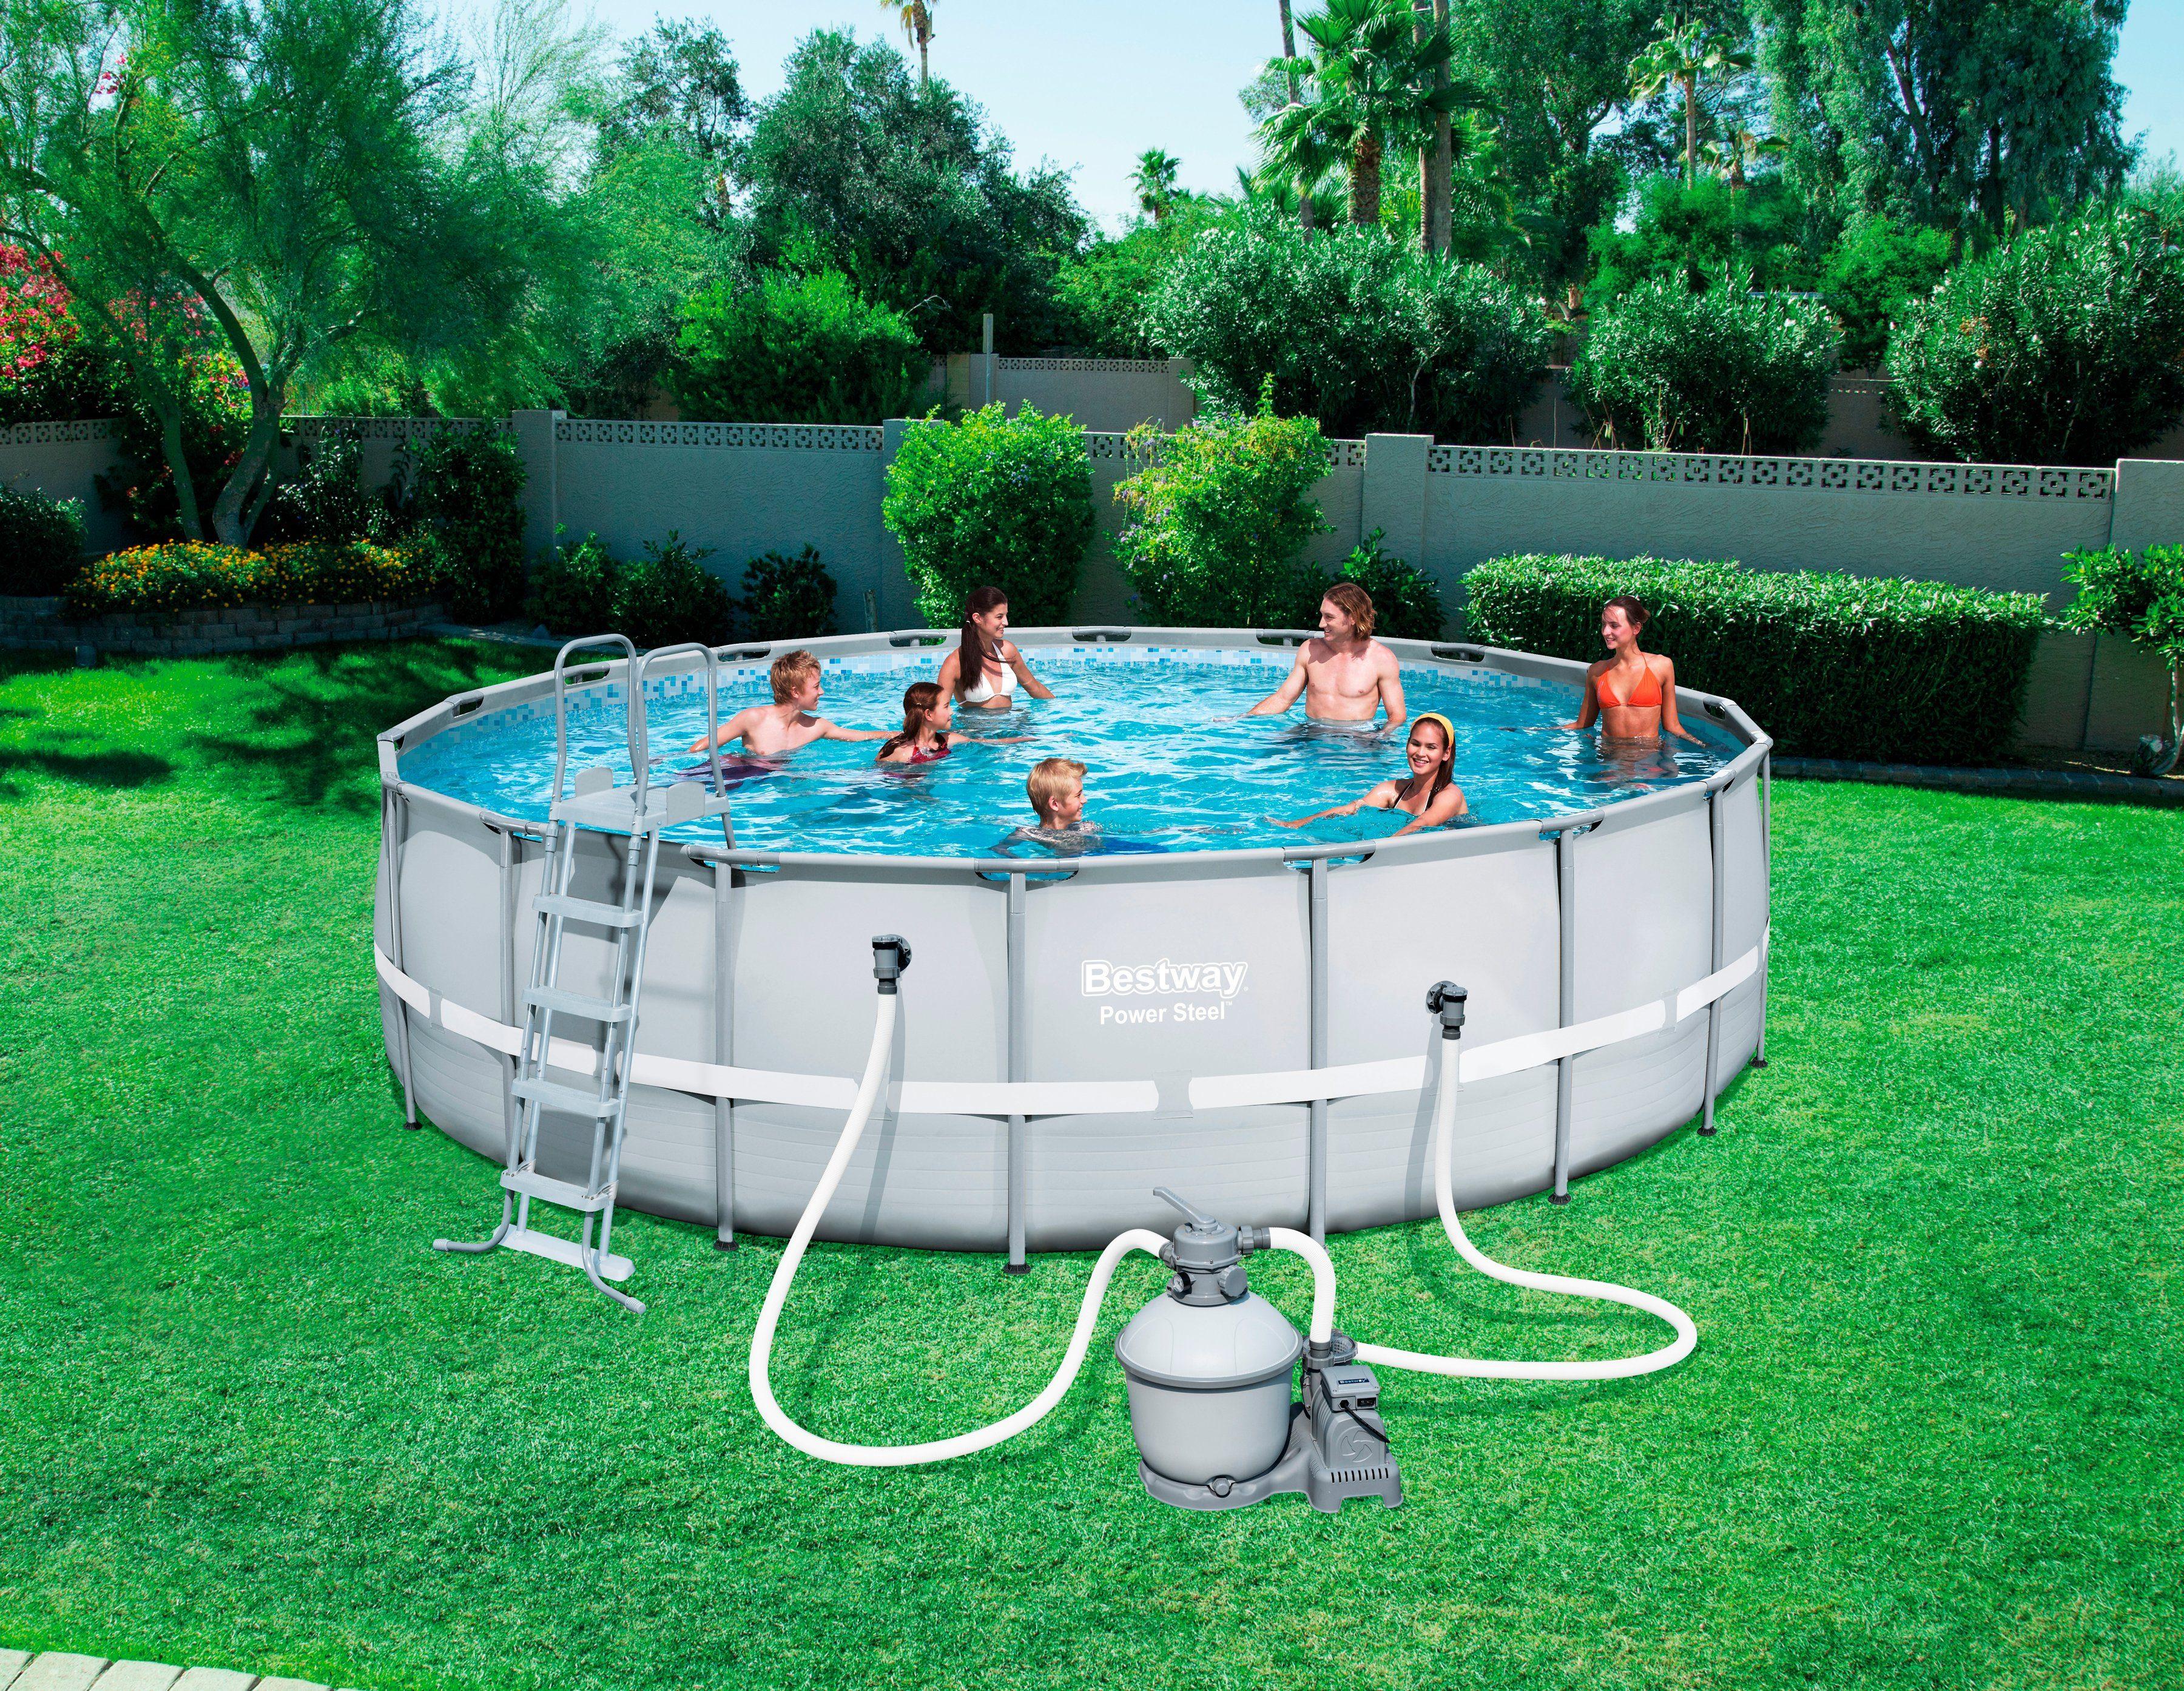 Bestway Set: Rundpool »Frame Pool Power Steel™«, ØxHöhe: 549x132 cm, 6-tlg.